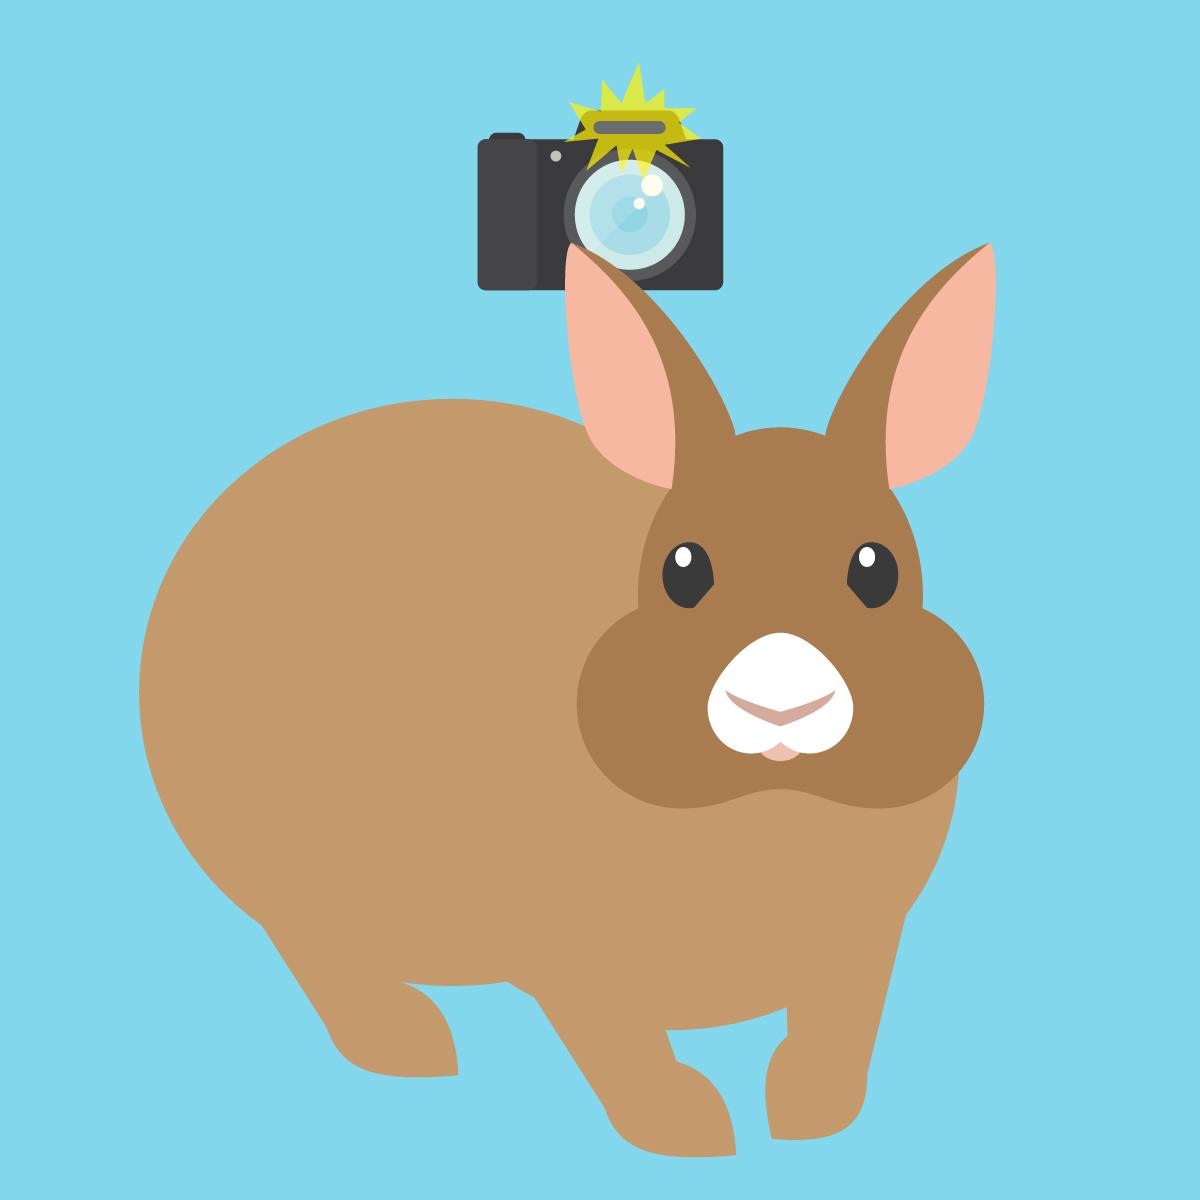 rabbitCamera